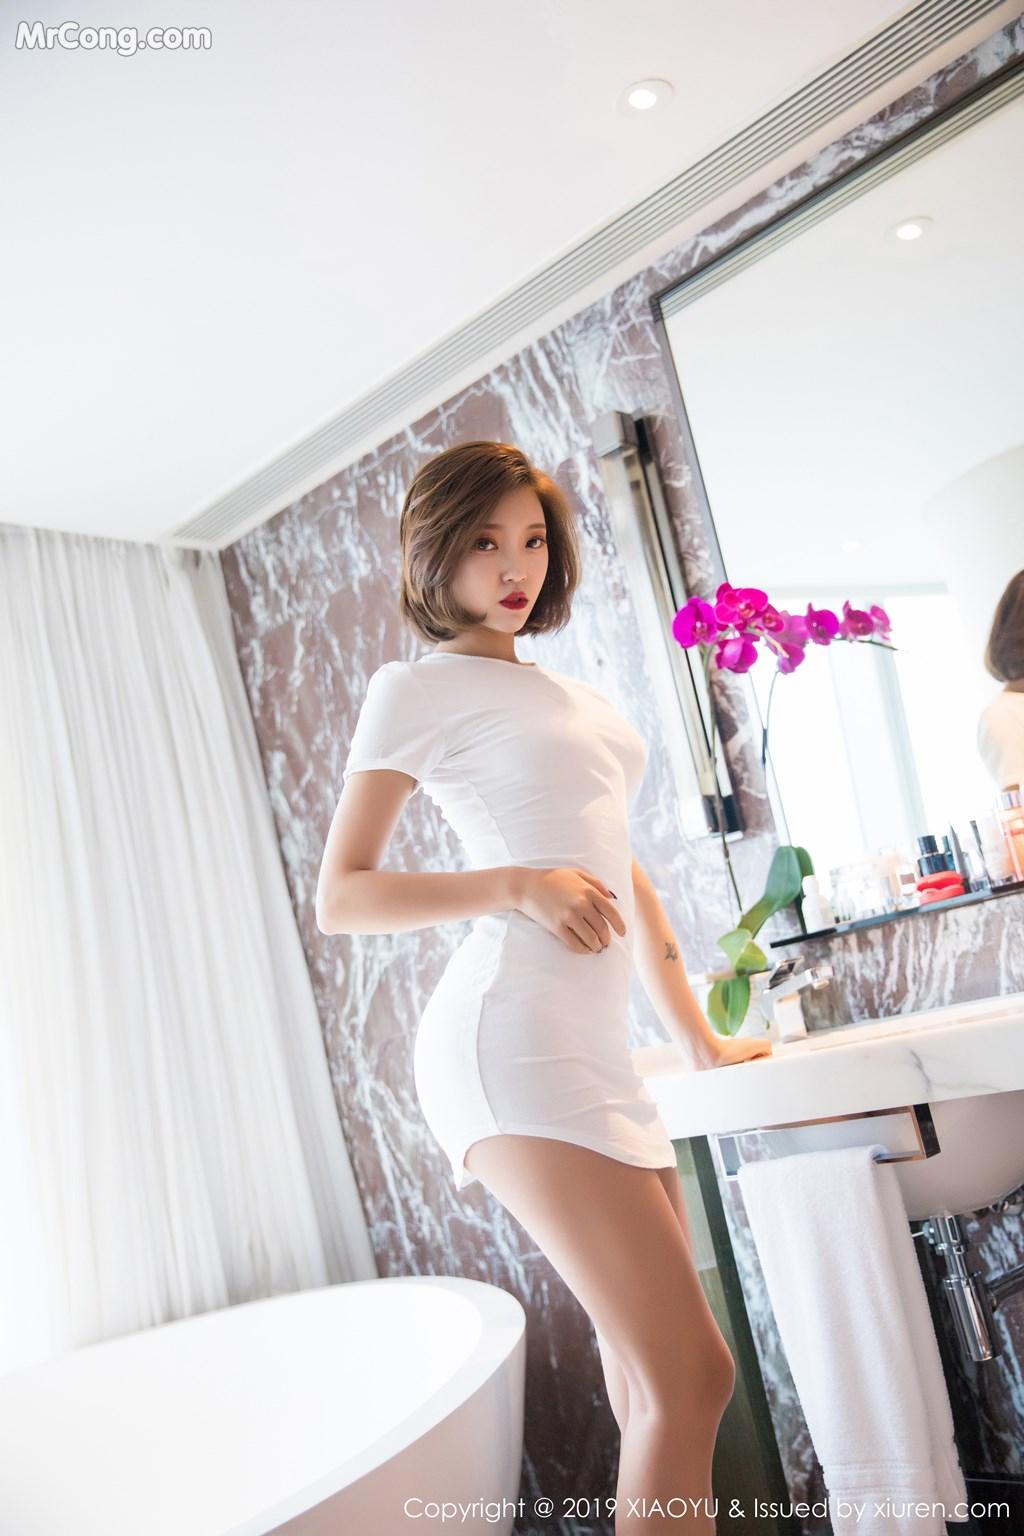 Image XiaoYu-Vol.039-LRIS-Feng-Mu-Mu-MrCong.com-006 in post XiaoYu Vol.039: LRIS (冯木木) (61 ảnh)